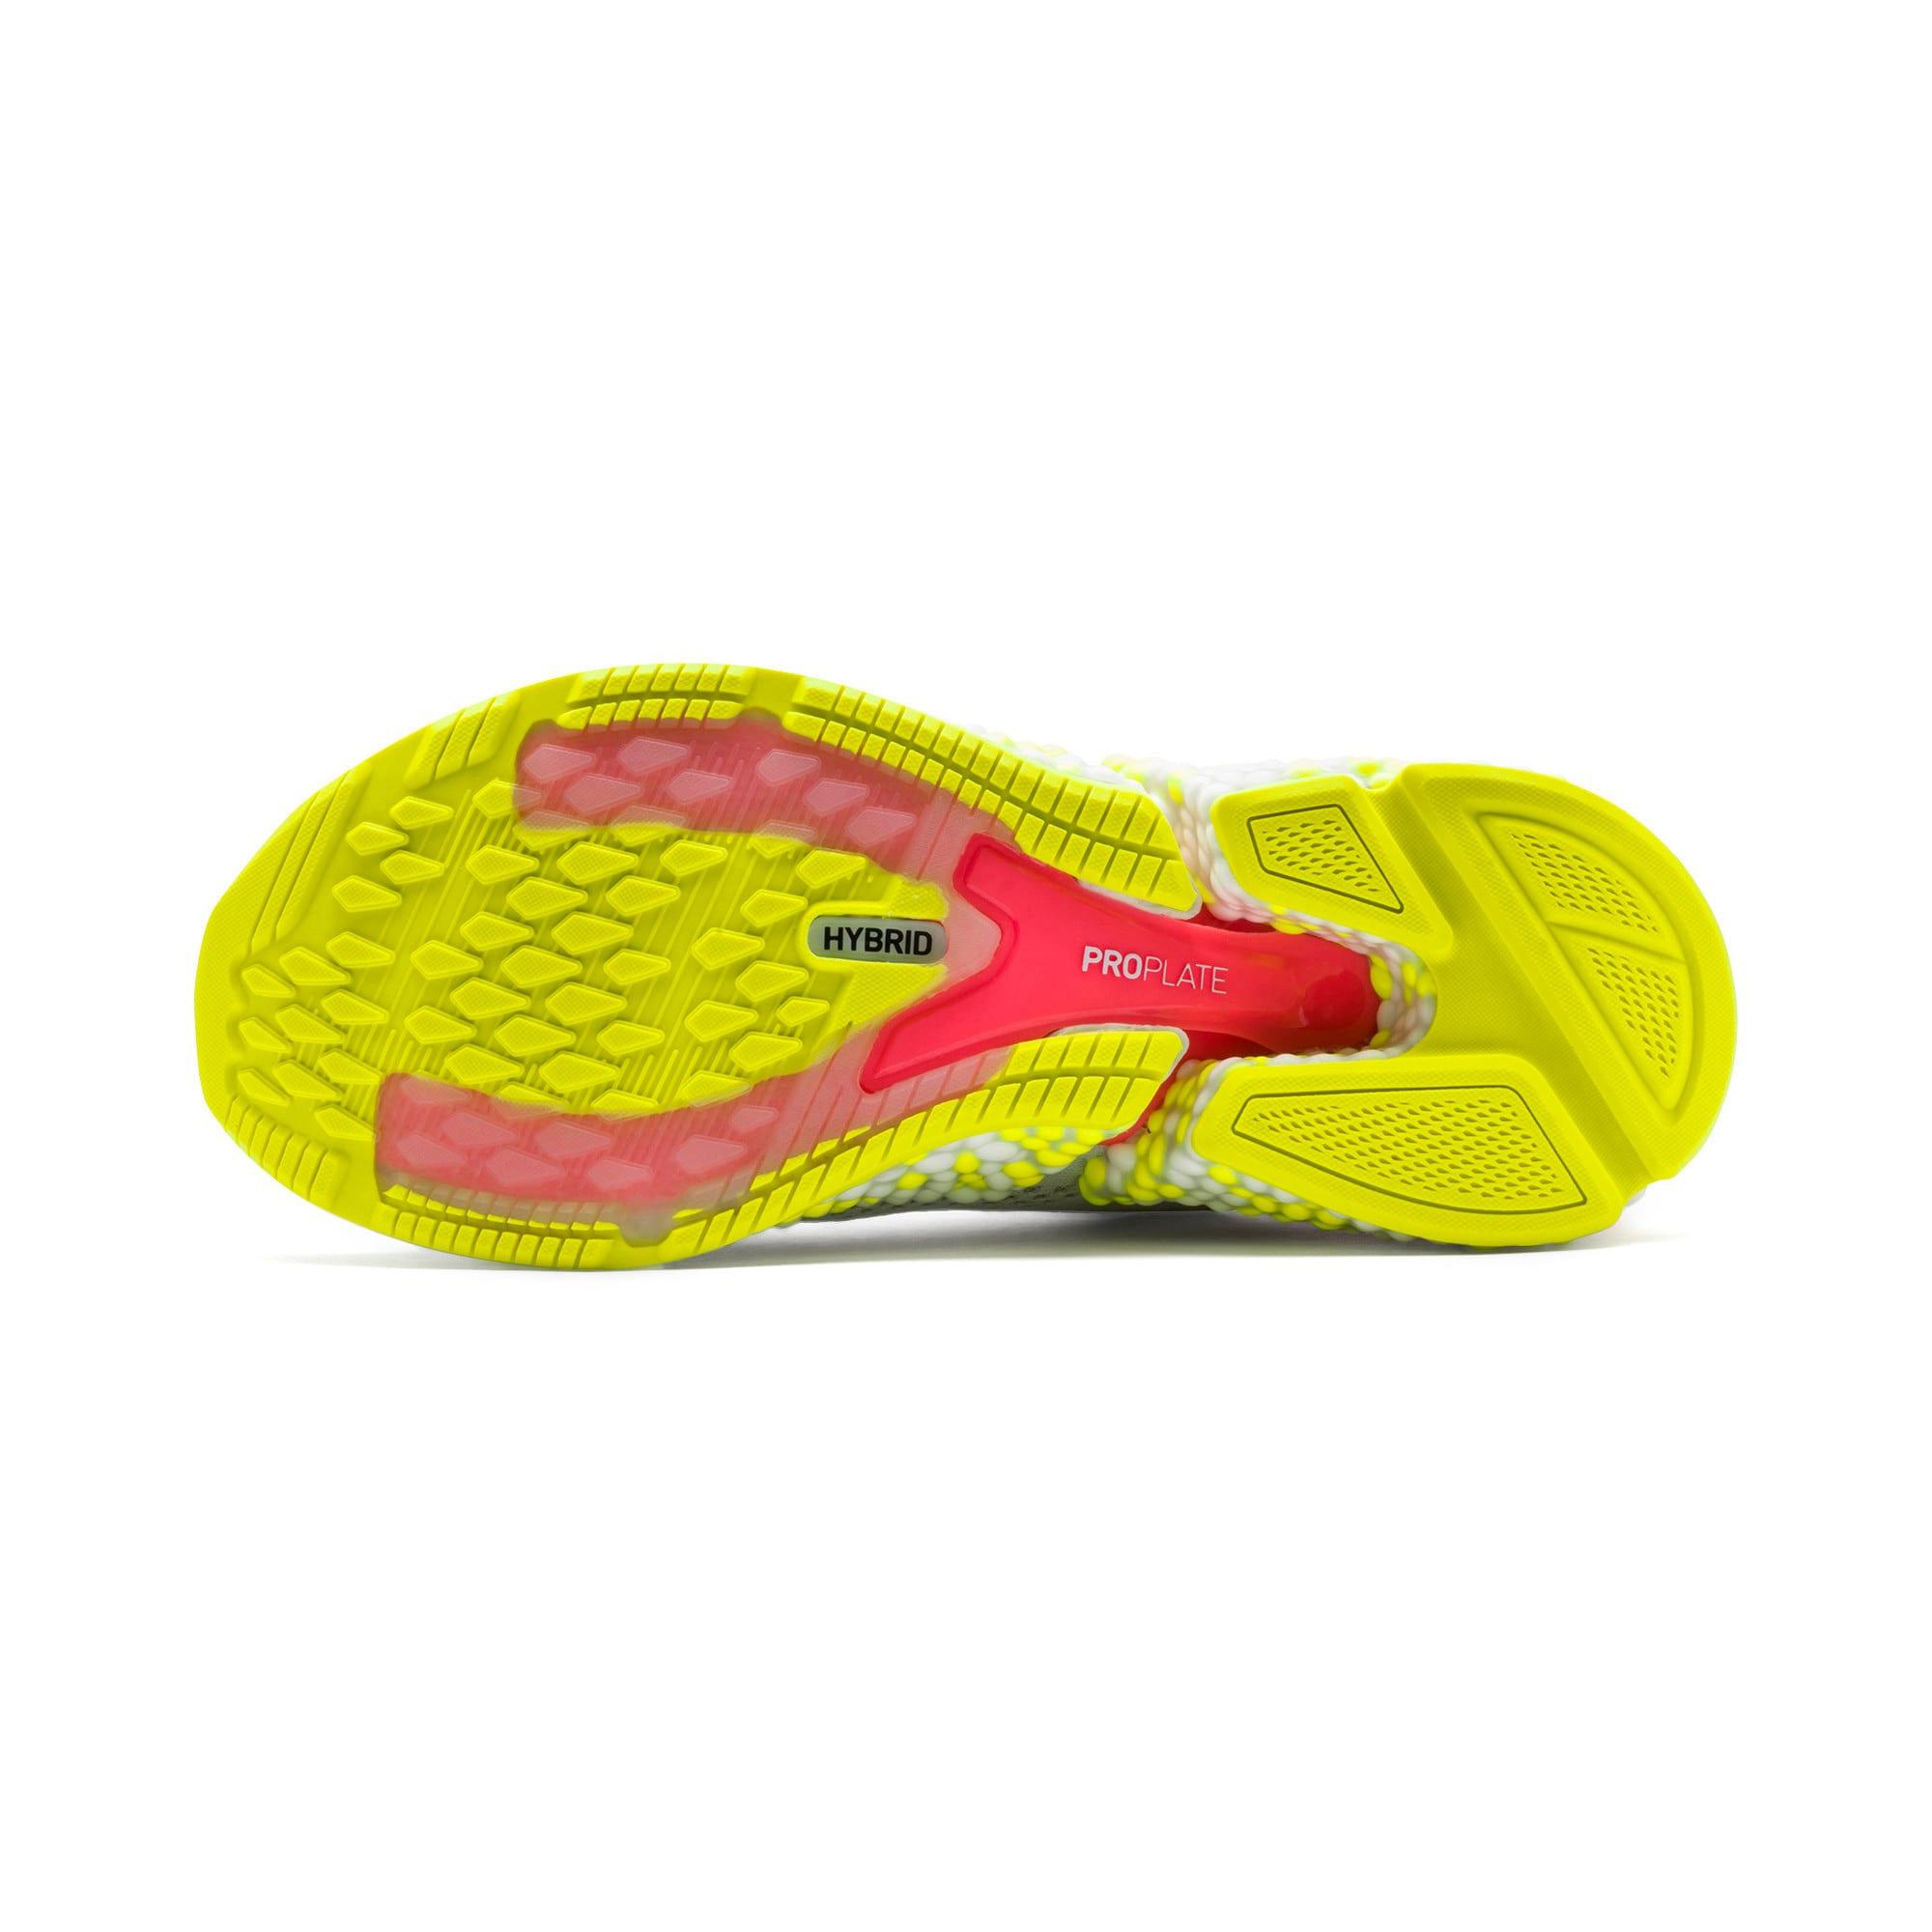 Thumbnail 5 of SPEED Orbiter Women's Running Shoes, Puma White-Yellow Alert, medium